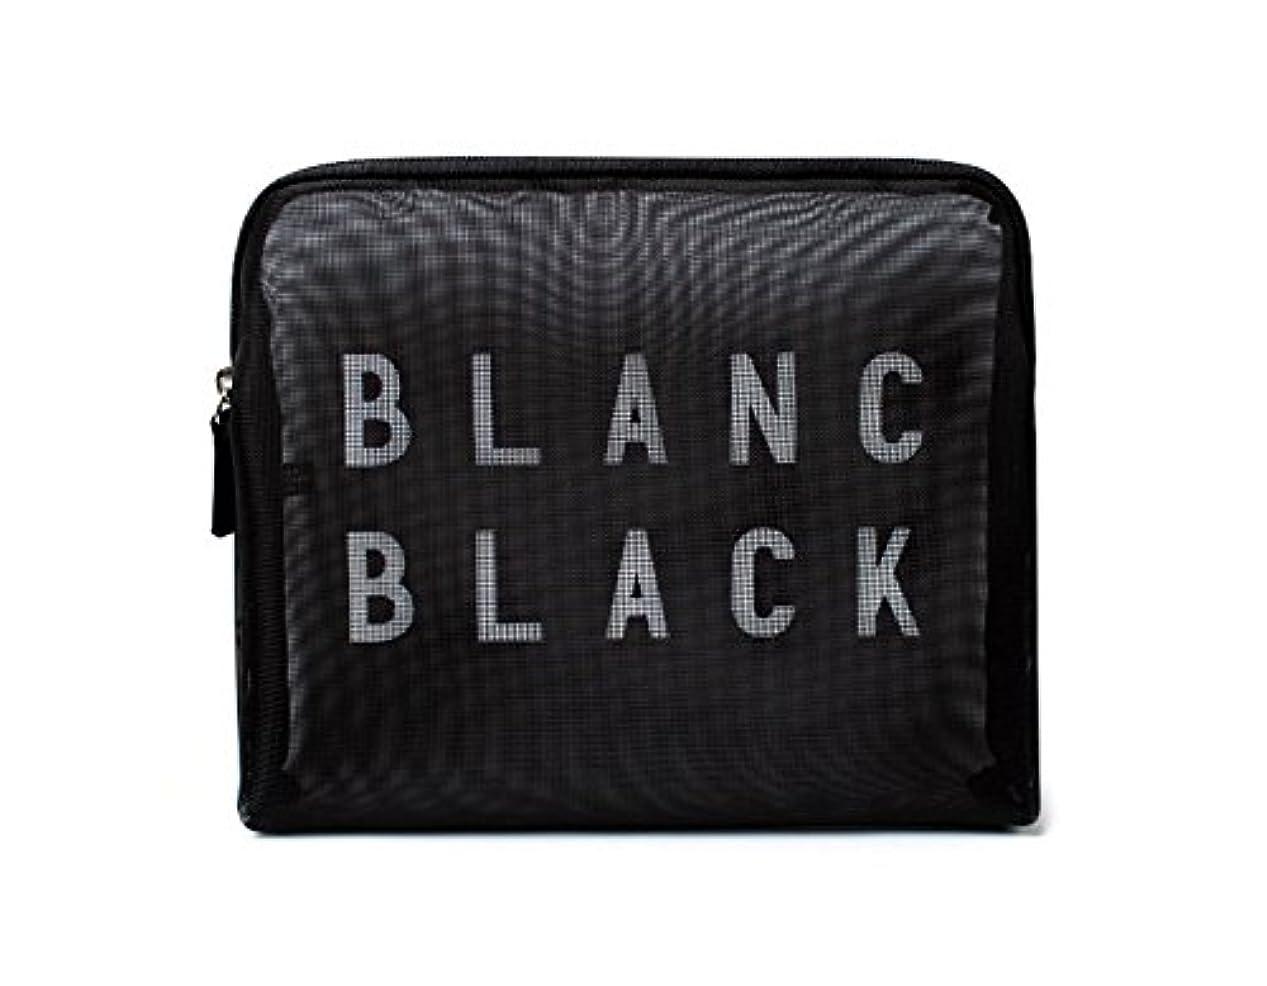 傾くコンベンション挨拶する[ブランク ブラック] Blanc Black メッシュ化粧ポーチ メイクポーチ 風呂セットのポーチ 旅行出張用ポーチ 海外直送品 Mesh Pouch (S, ブラック) [並行輸入品]